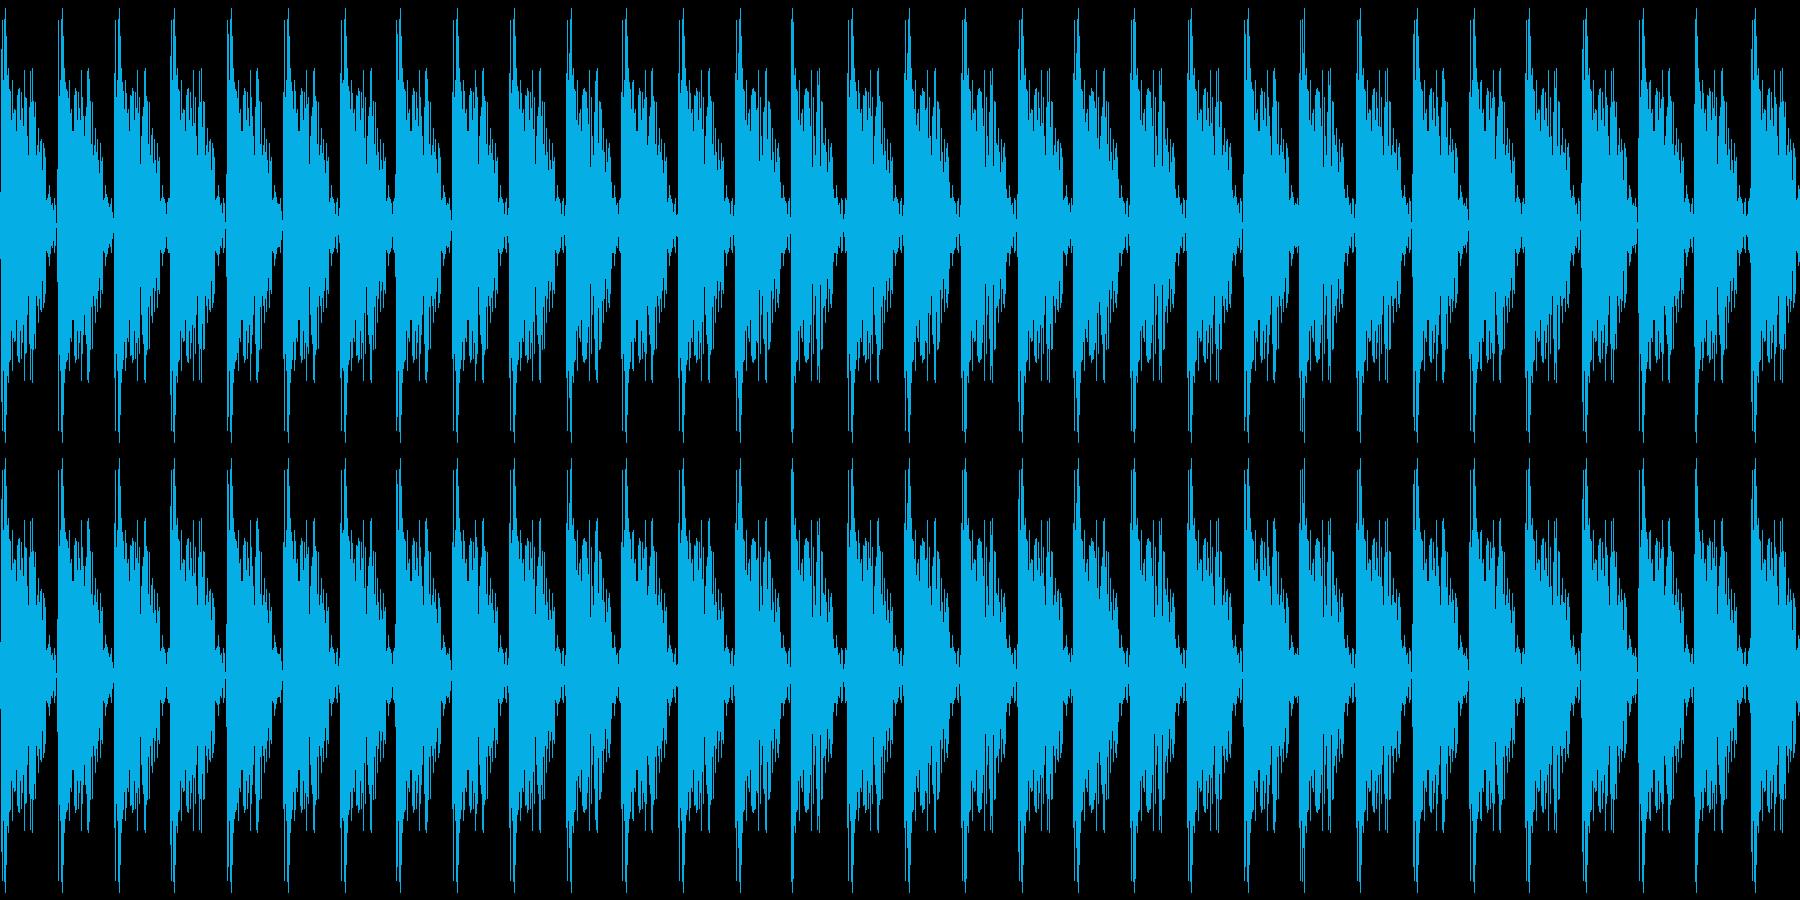 カタカタ音2 カタカタした音2 の再生済みの波形